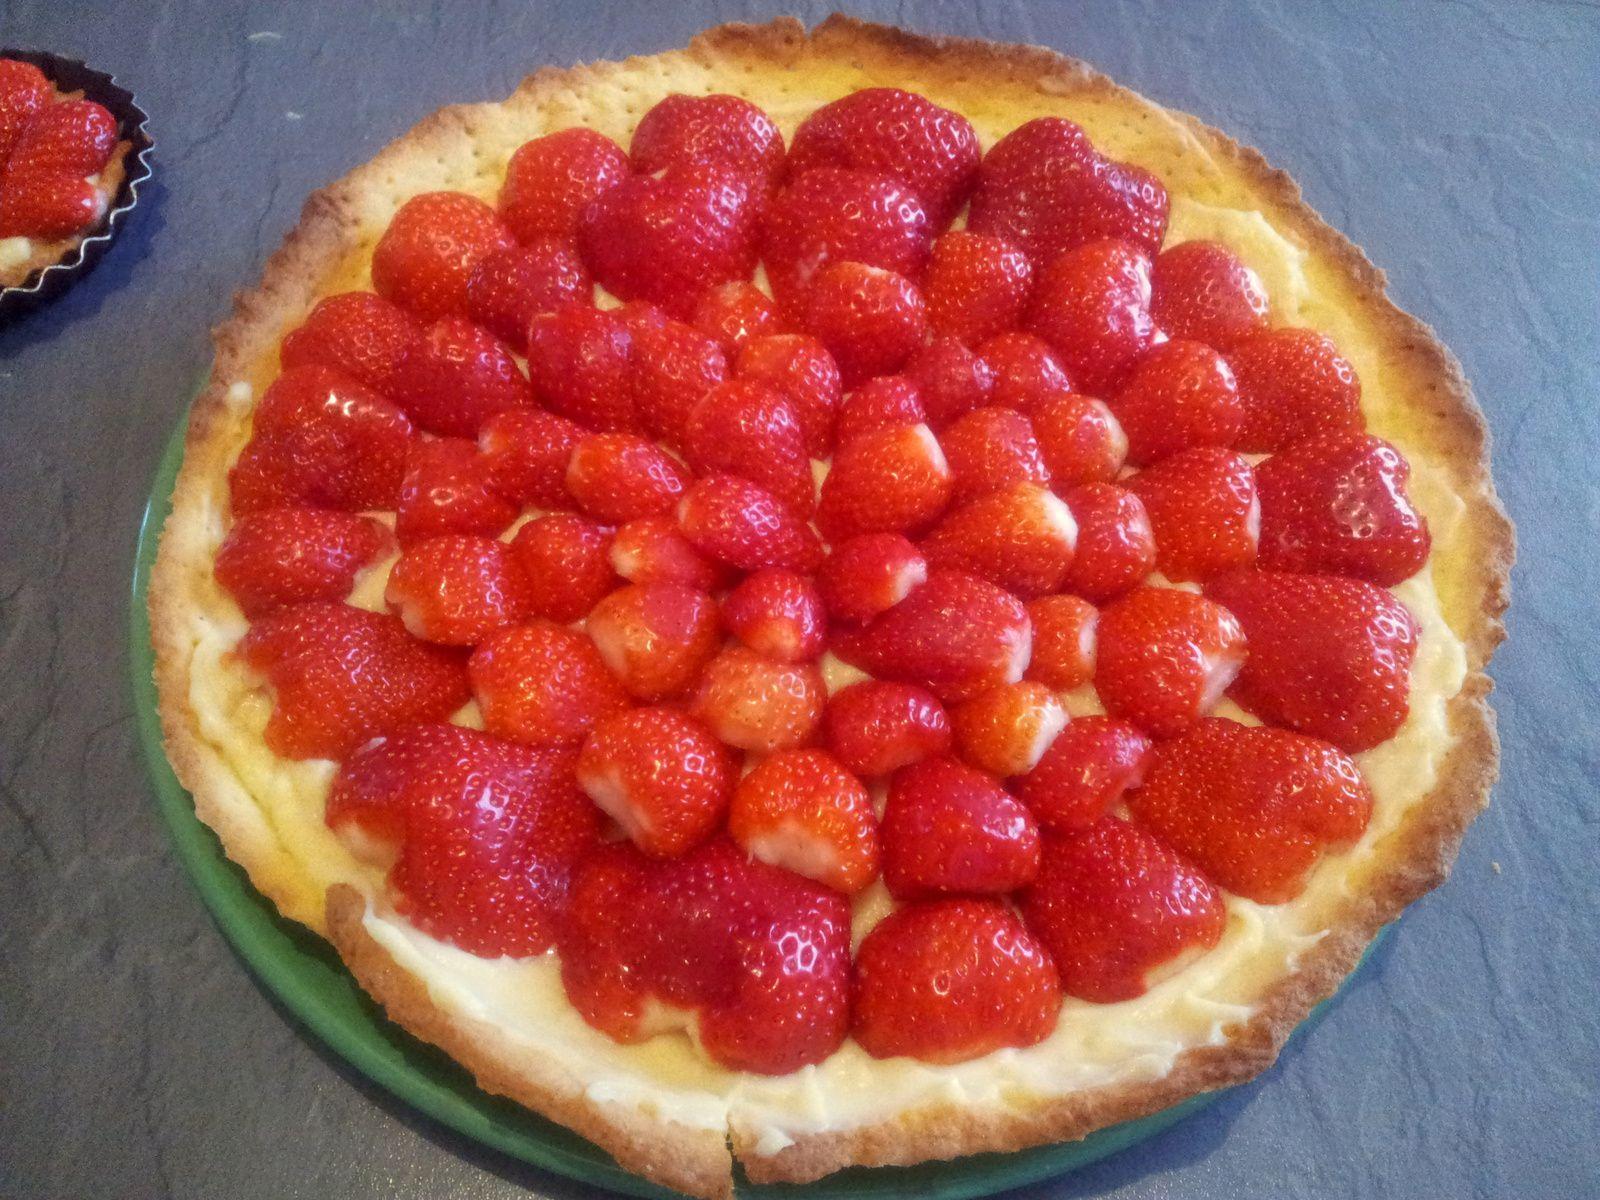 1er photo: tarte aux fraise sans nappage   2eme photo: tarte aux fraises avec le nappage